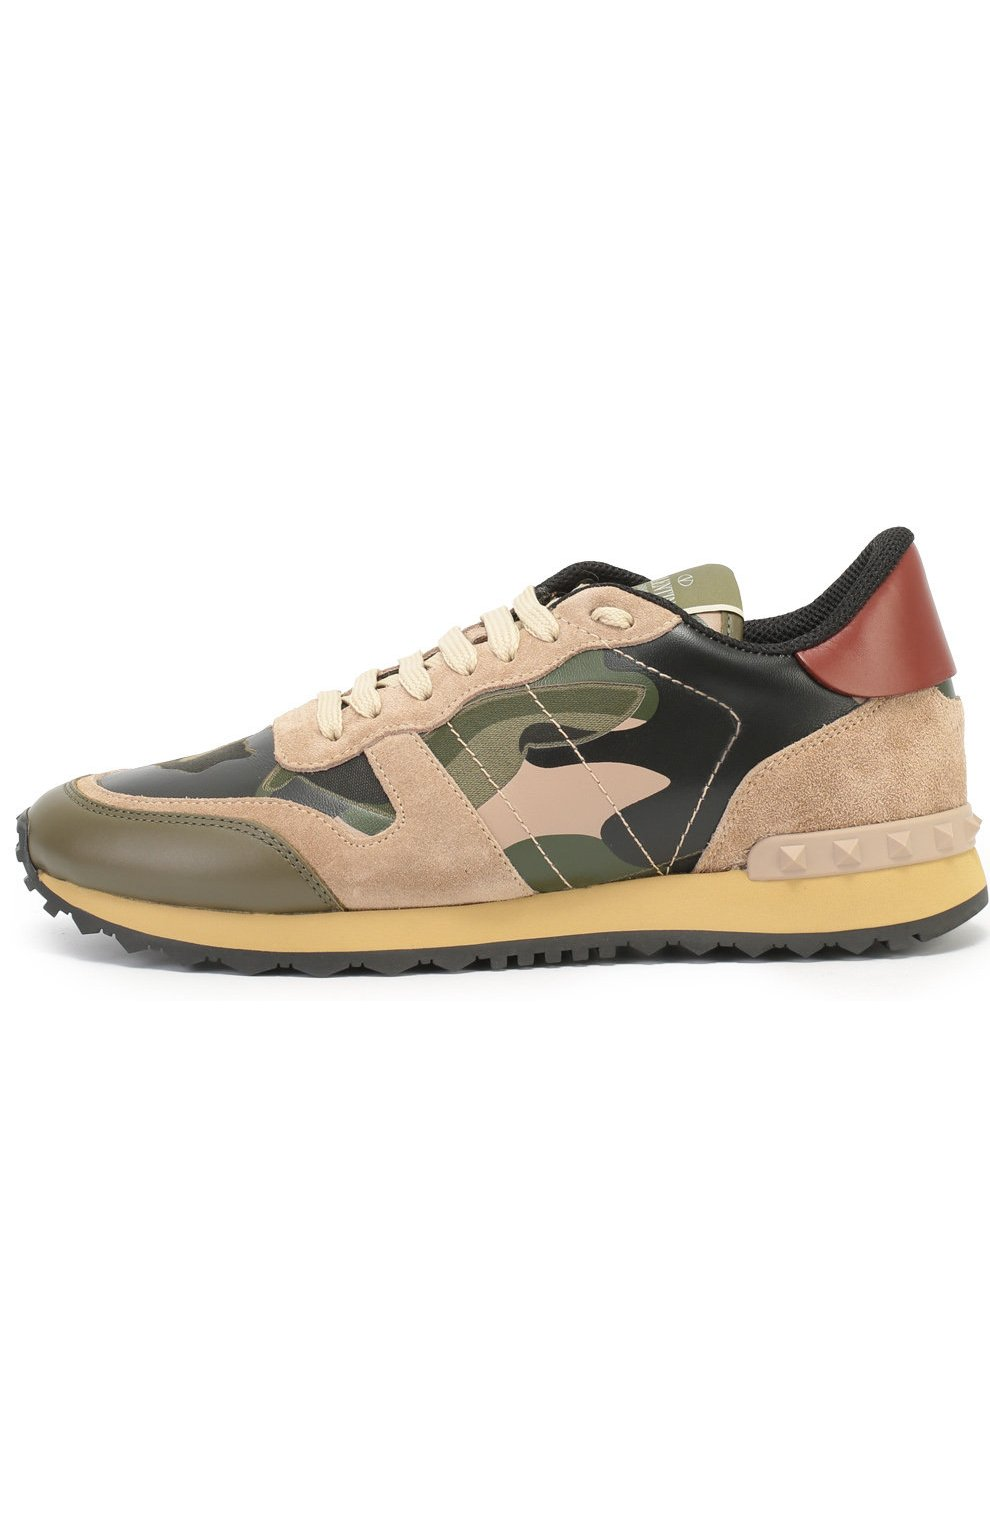 Комбинированные кроссовки Valentino Garavani Camouflage с принтом   Фото №3 d967becbd15